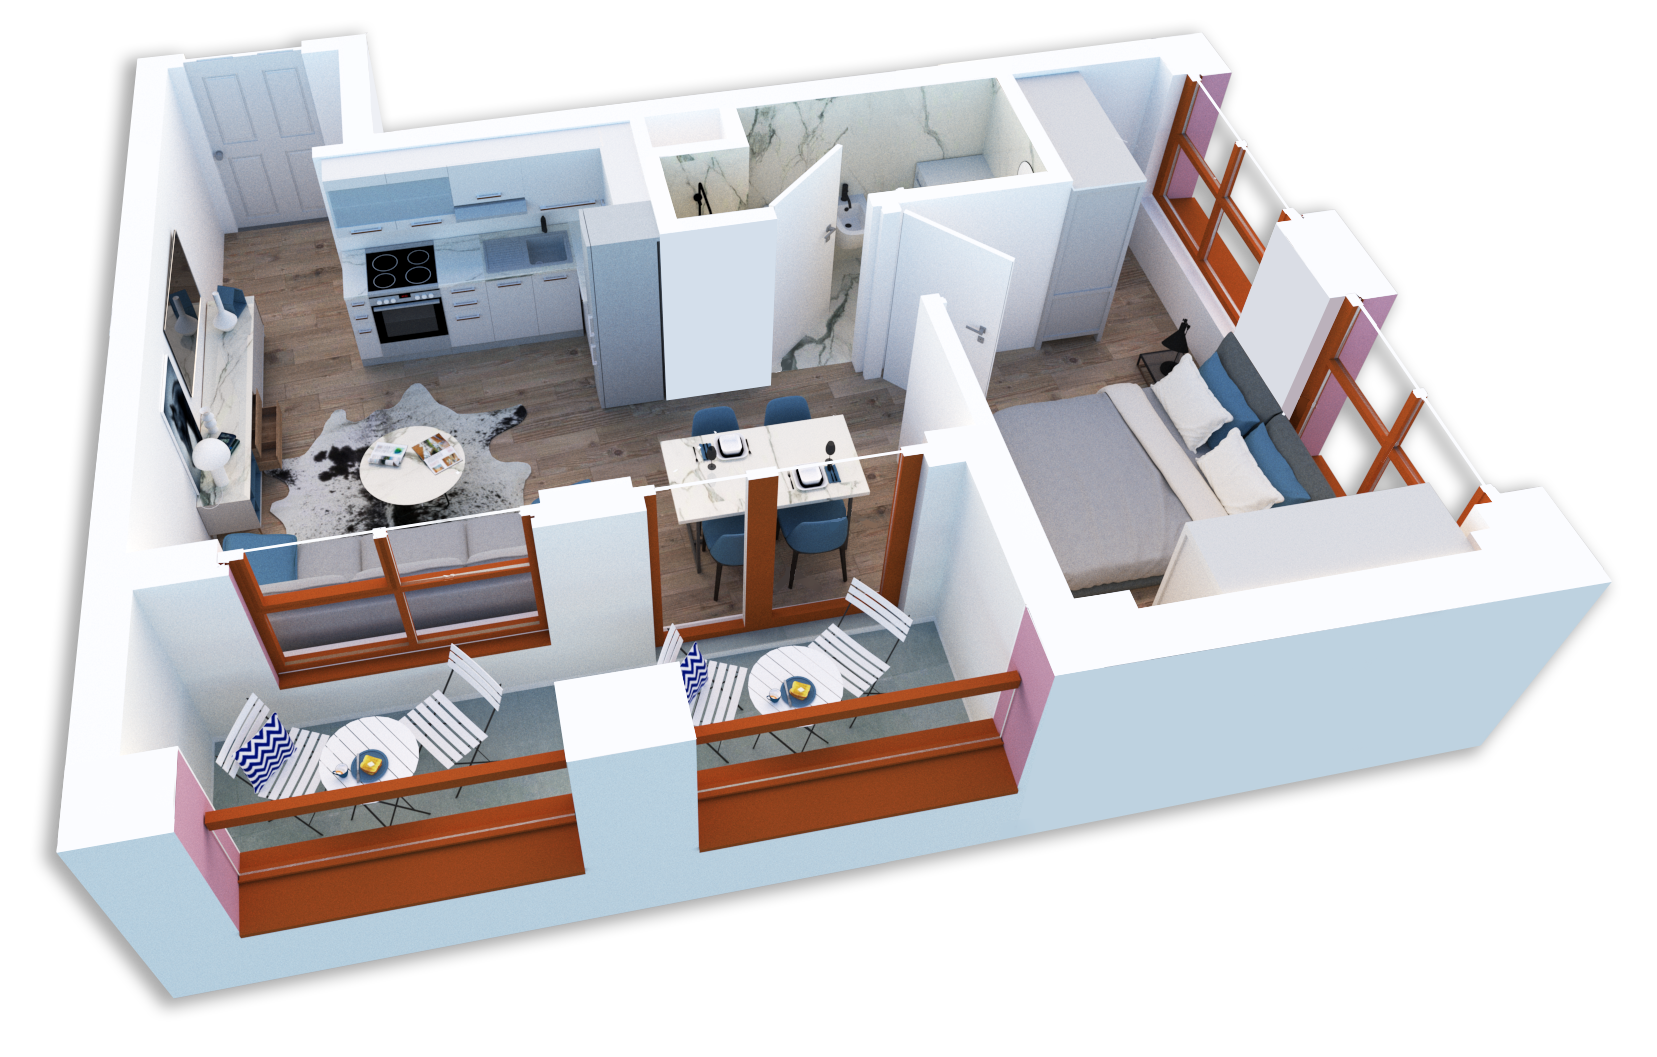 Apartament 1+1 në shitje në Tiranë - Mangalem 21 Shkalla 25 Kati 5